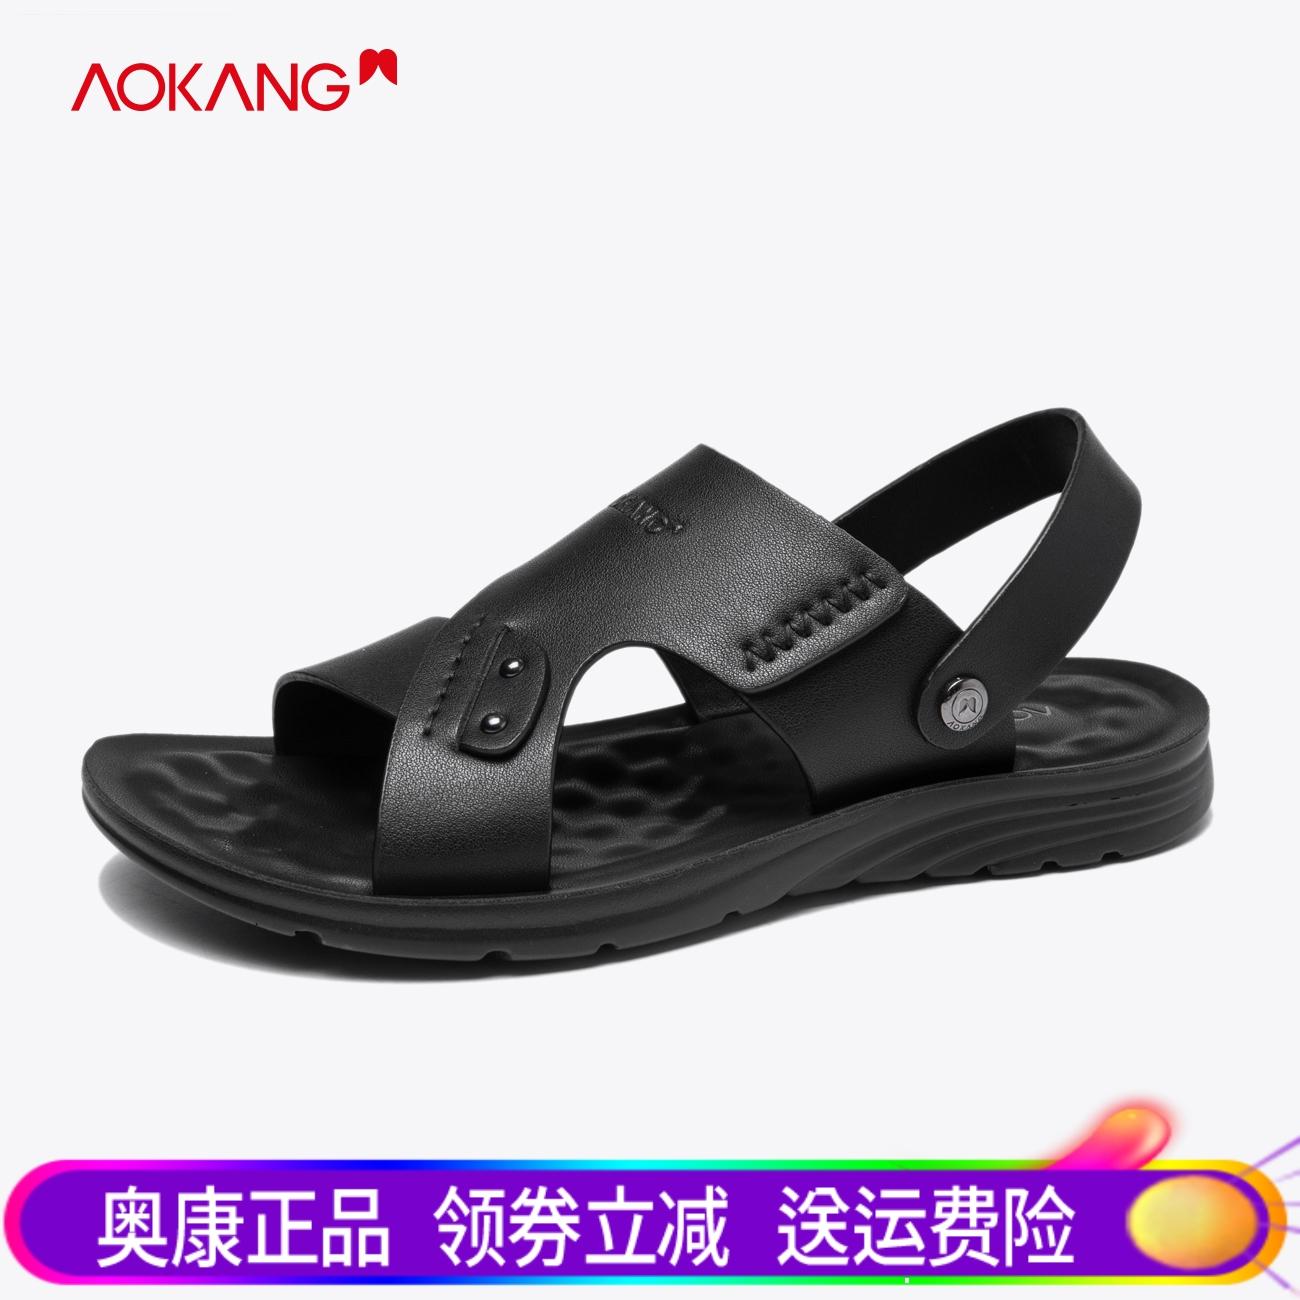 奥康男鞋2020夏季新款男士凉鞋户外休闲两穿沙滩鞋真皮软底凉拖鞋